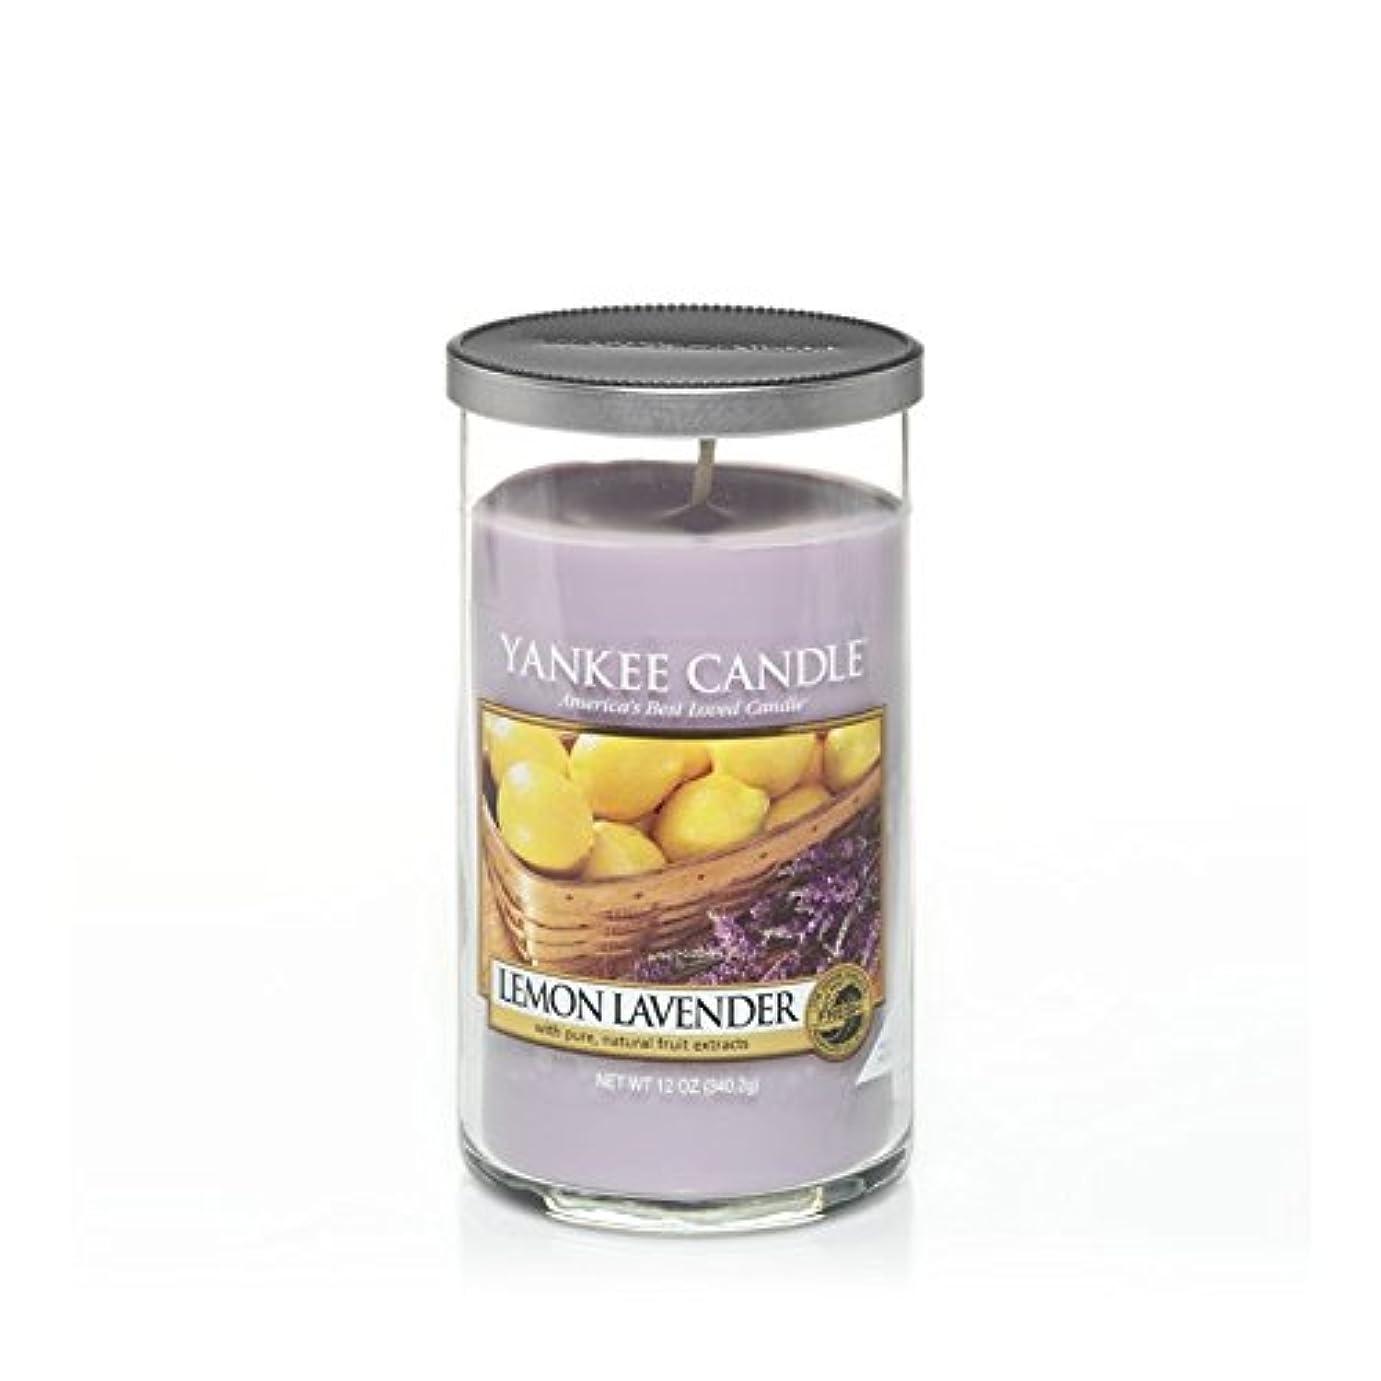 外交問題スペクトラムそよ風Yankee Candles Medium Pillar Candle - Lemon Lavender (Pack of 6) - ヤンキーキャンドルメディアピラーキャンドル - レモンラベンダー (x6) [並行輸入品]